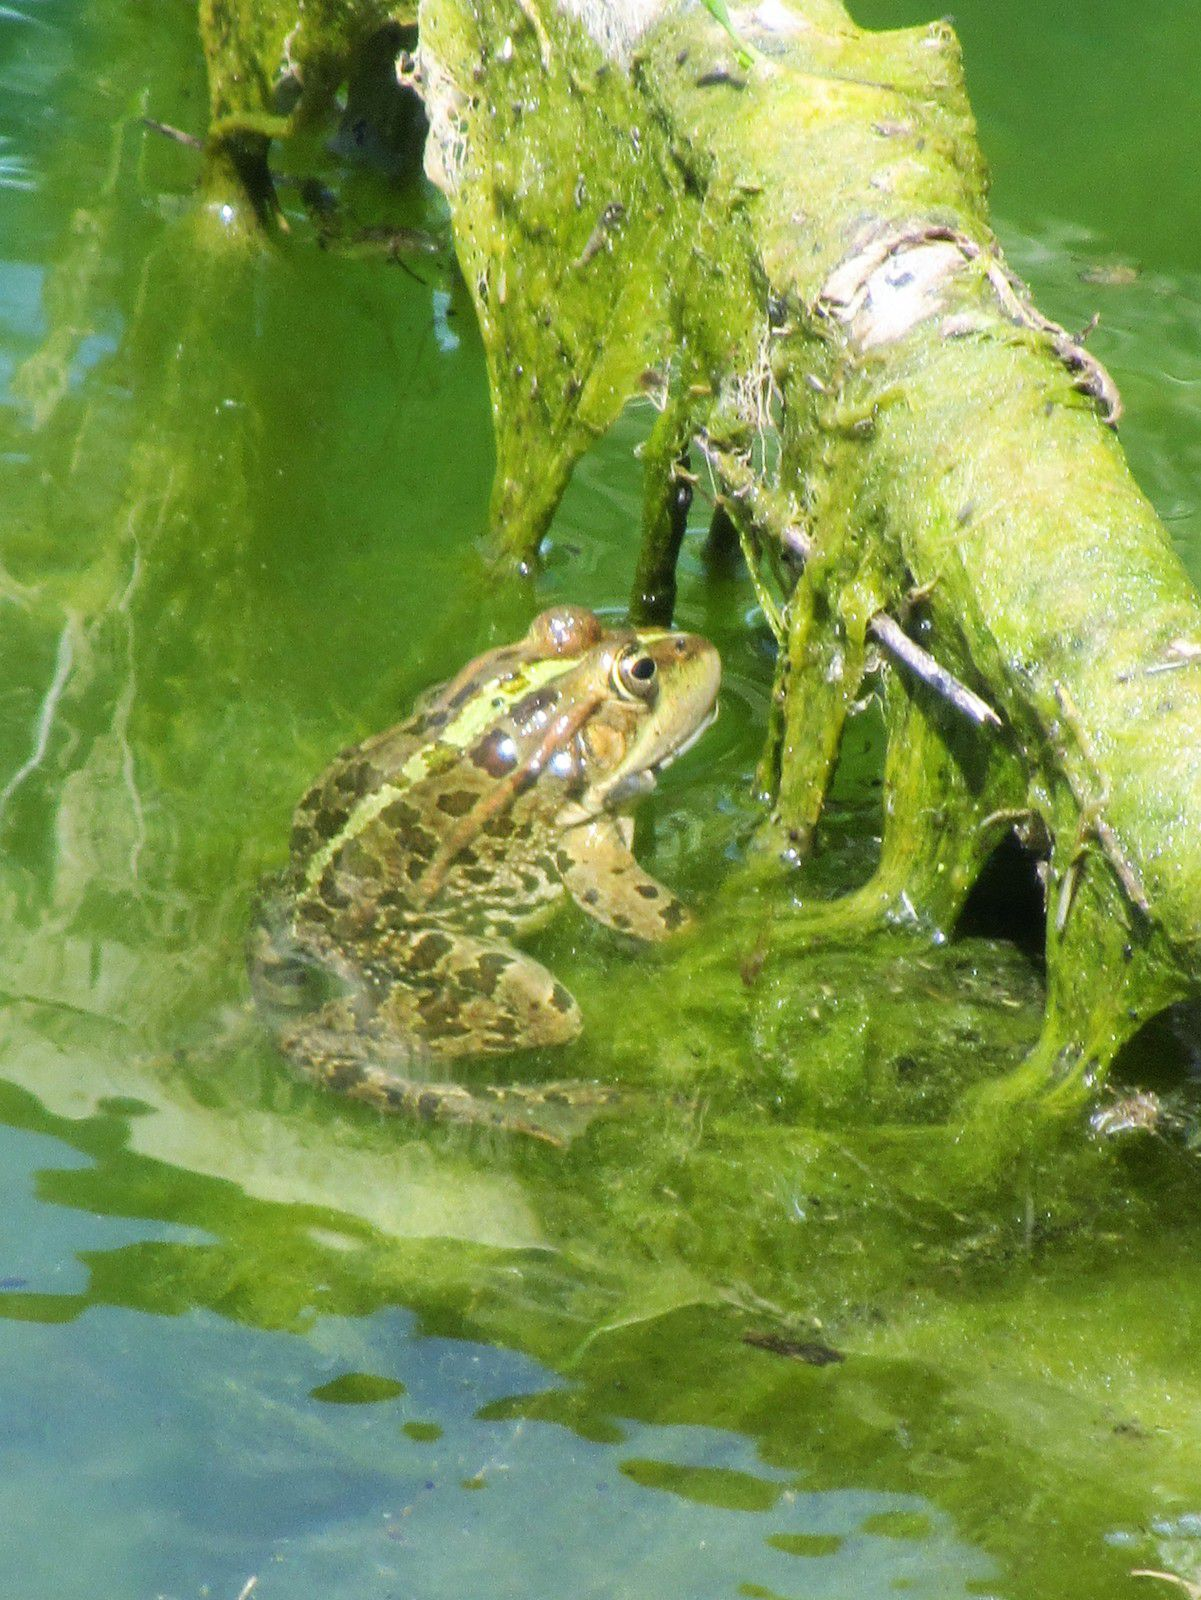 Et les soirées des riverains seront égayées du chant mélodieux des grenouilles petites et grandes.